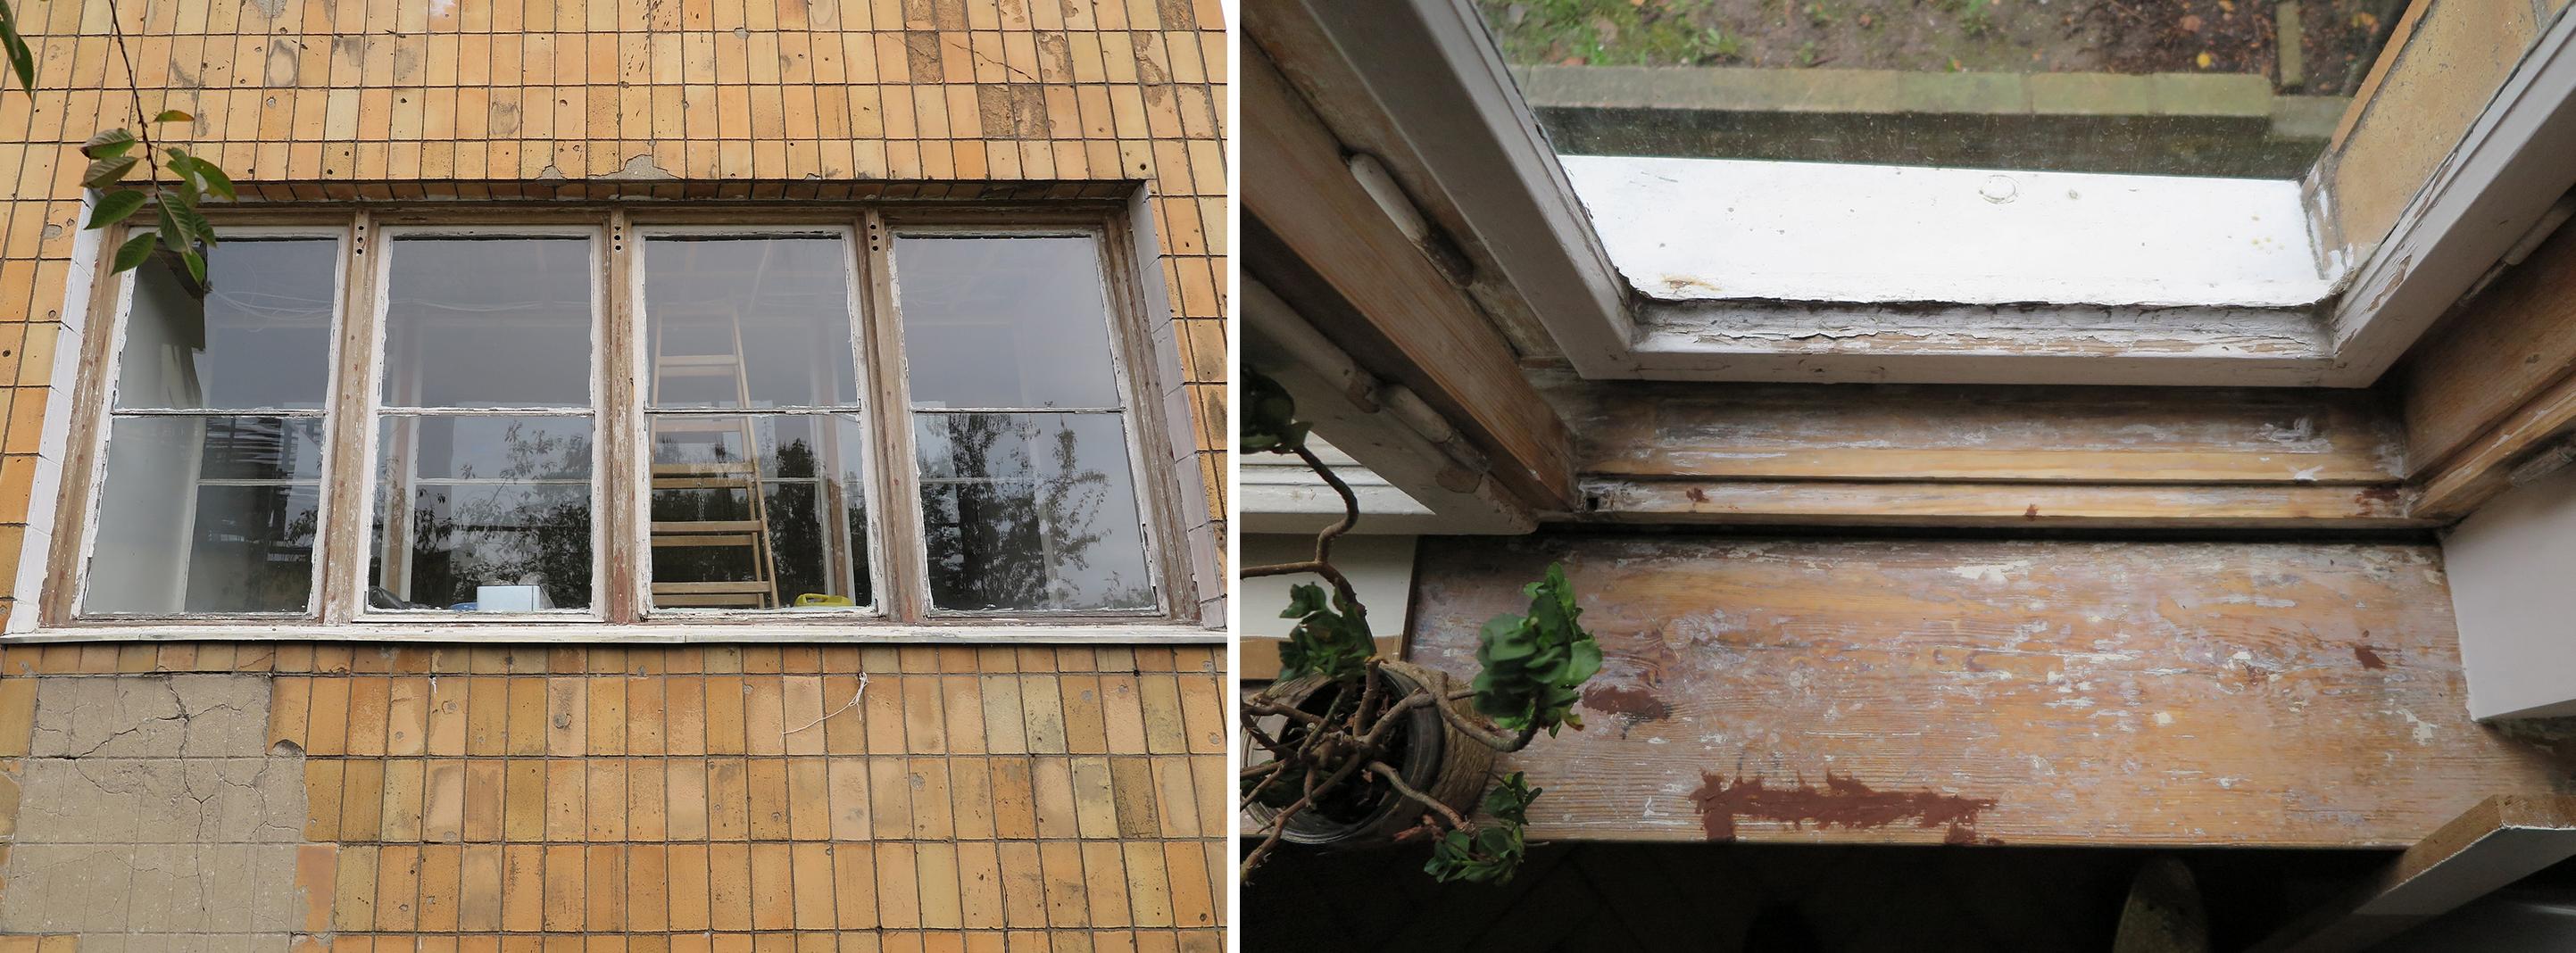 Willa dwurodzinna na Kamiennej Górze, okno w trakcie prac konserwatorskich.